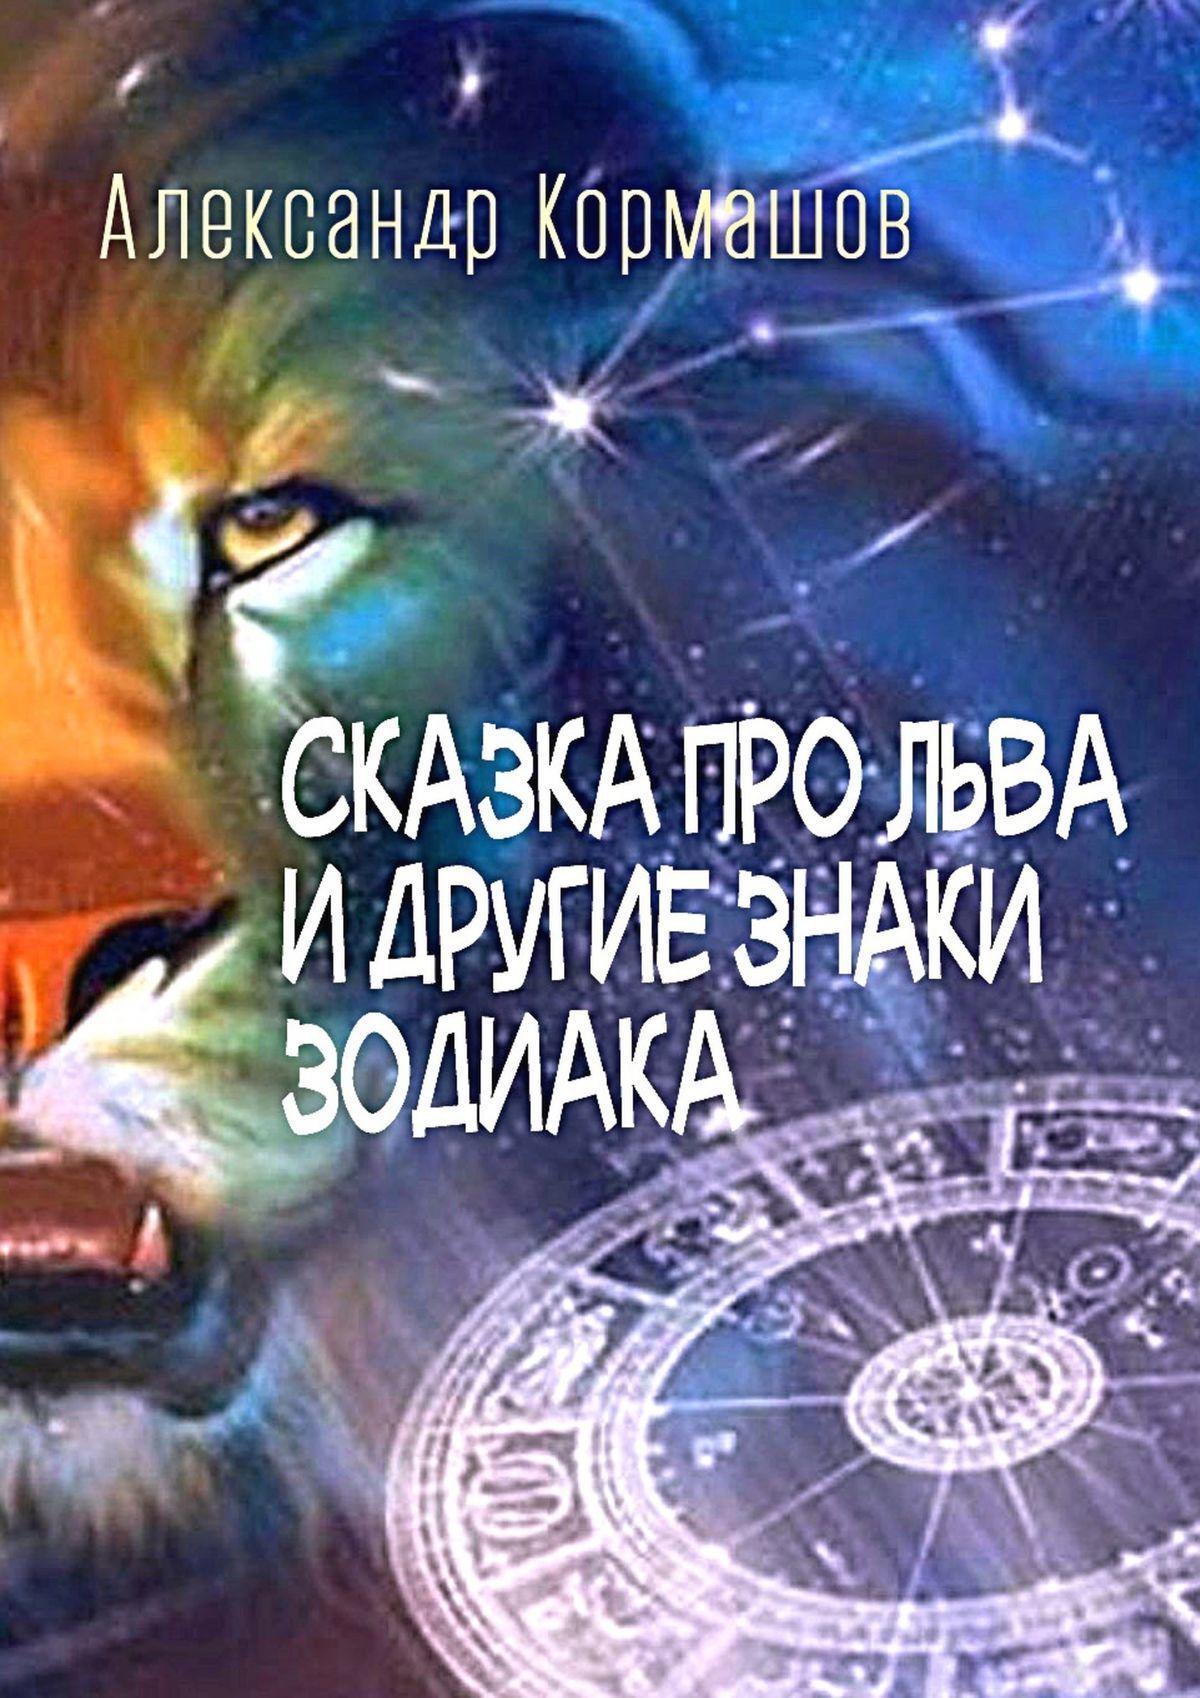 Фото - Александр Кормашов Сказка про Льва и другие знаки Зодиака. И что со Львом было, и кто это сделал конструктор знаки зодиака водолей avtoys